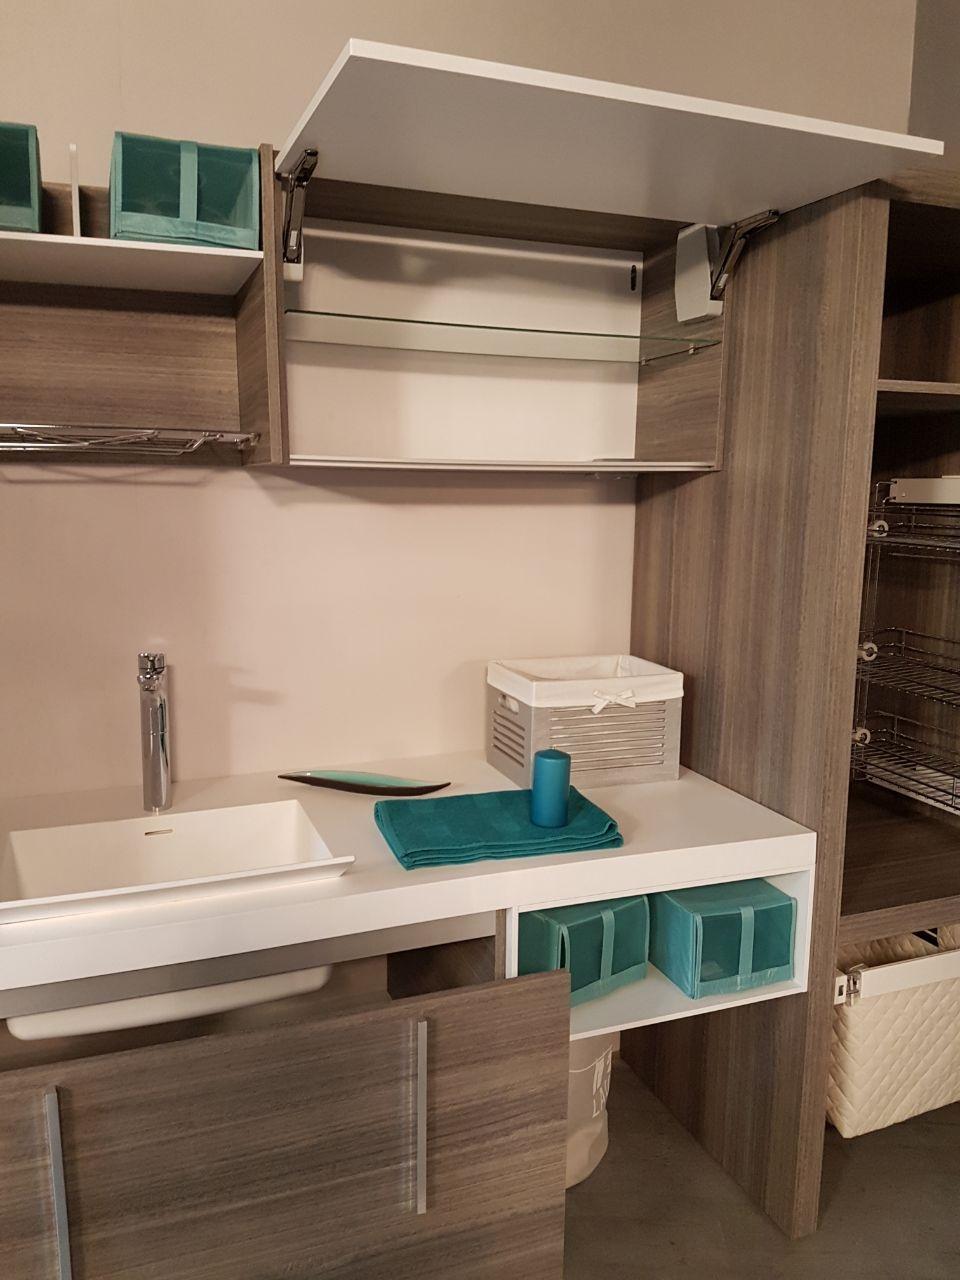 Azzurra bagni lavanderia scontato del 30 arredo bagno for Arredo bagno desio